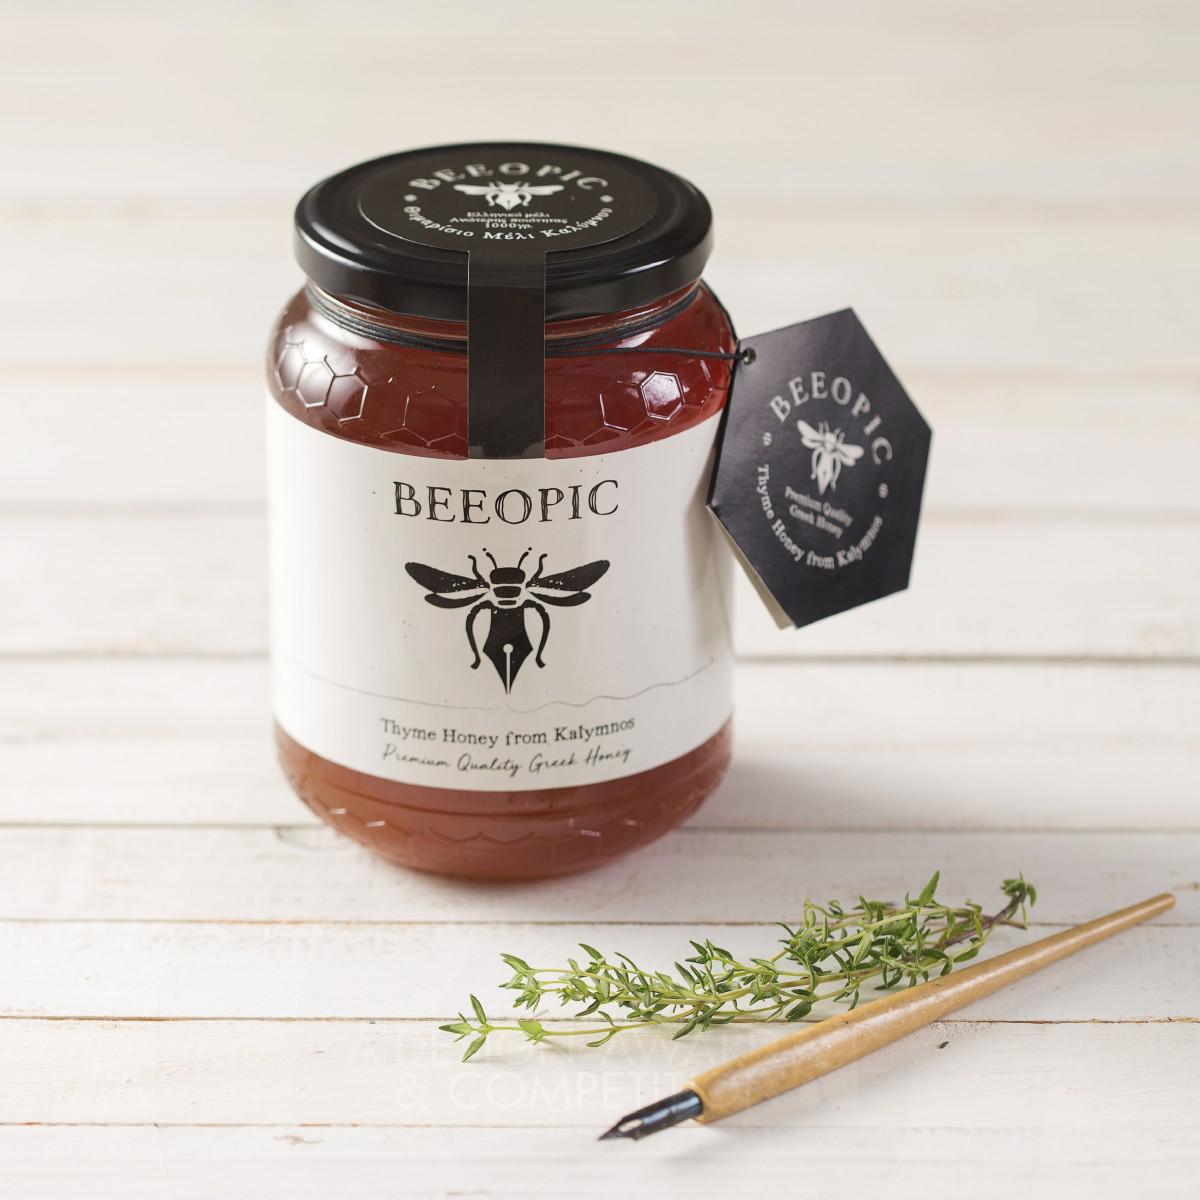 Beeopic Honey